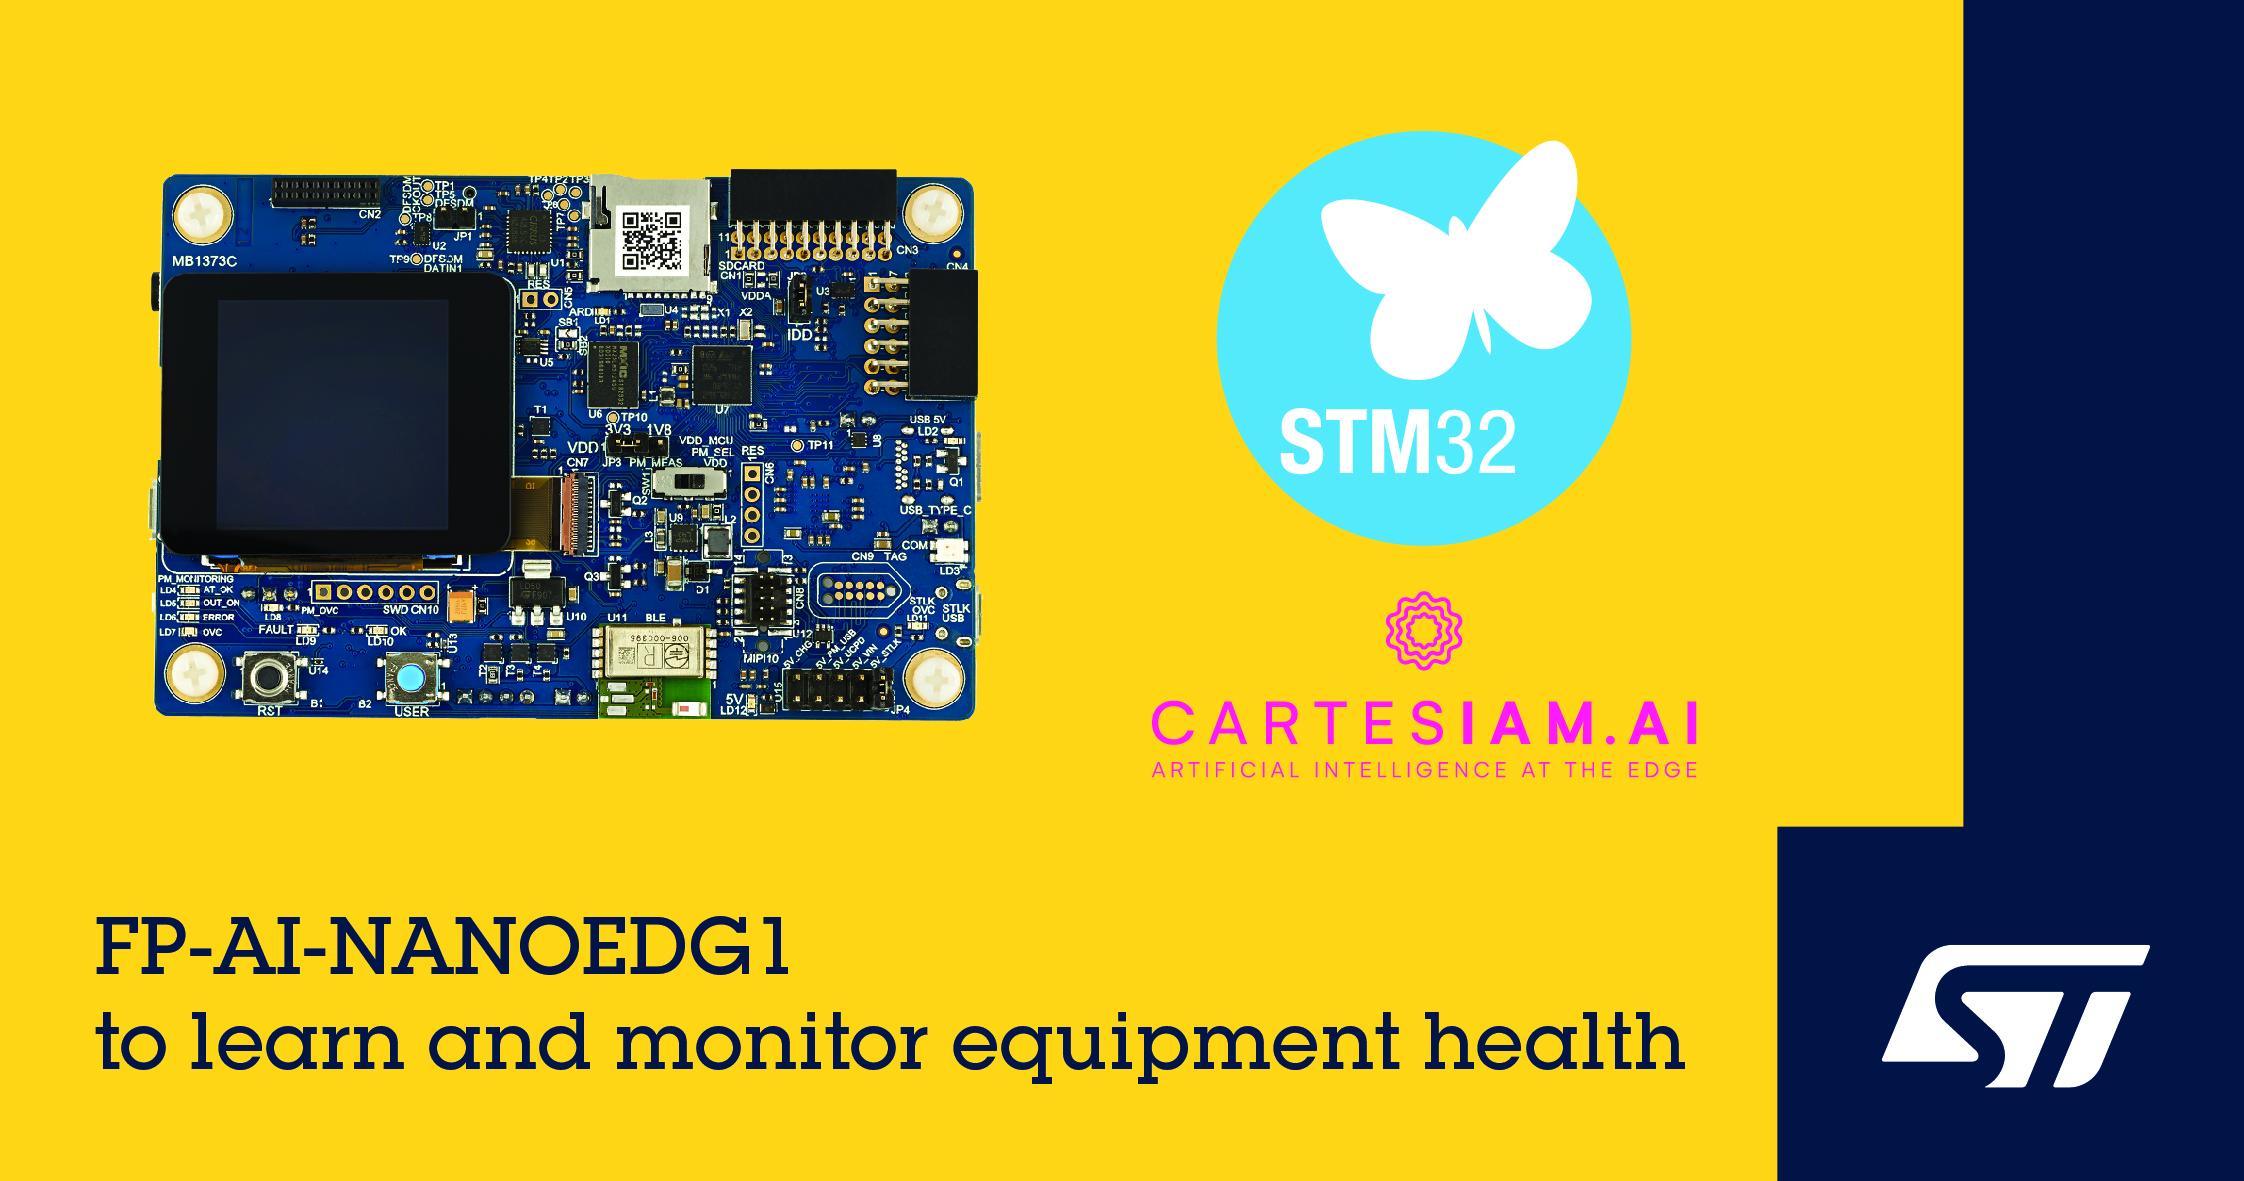 意法半导体发布STM32状态监测功能包,通过Cartesiam工具简化机器学习过程